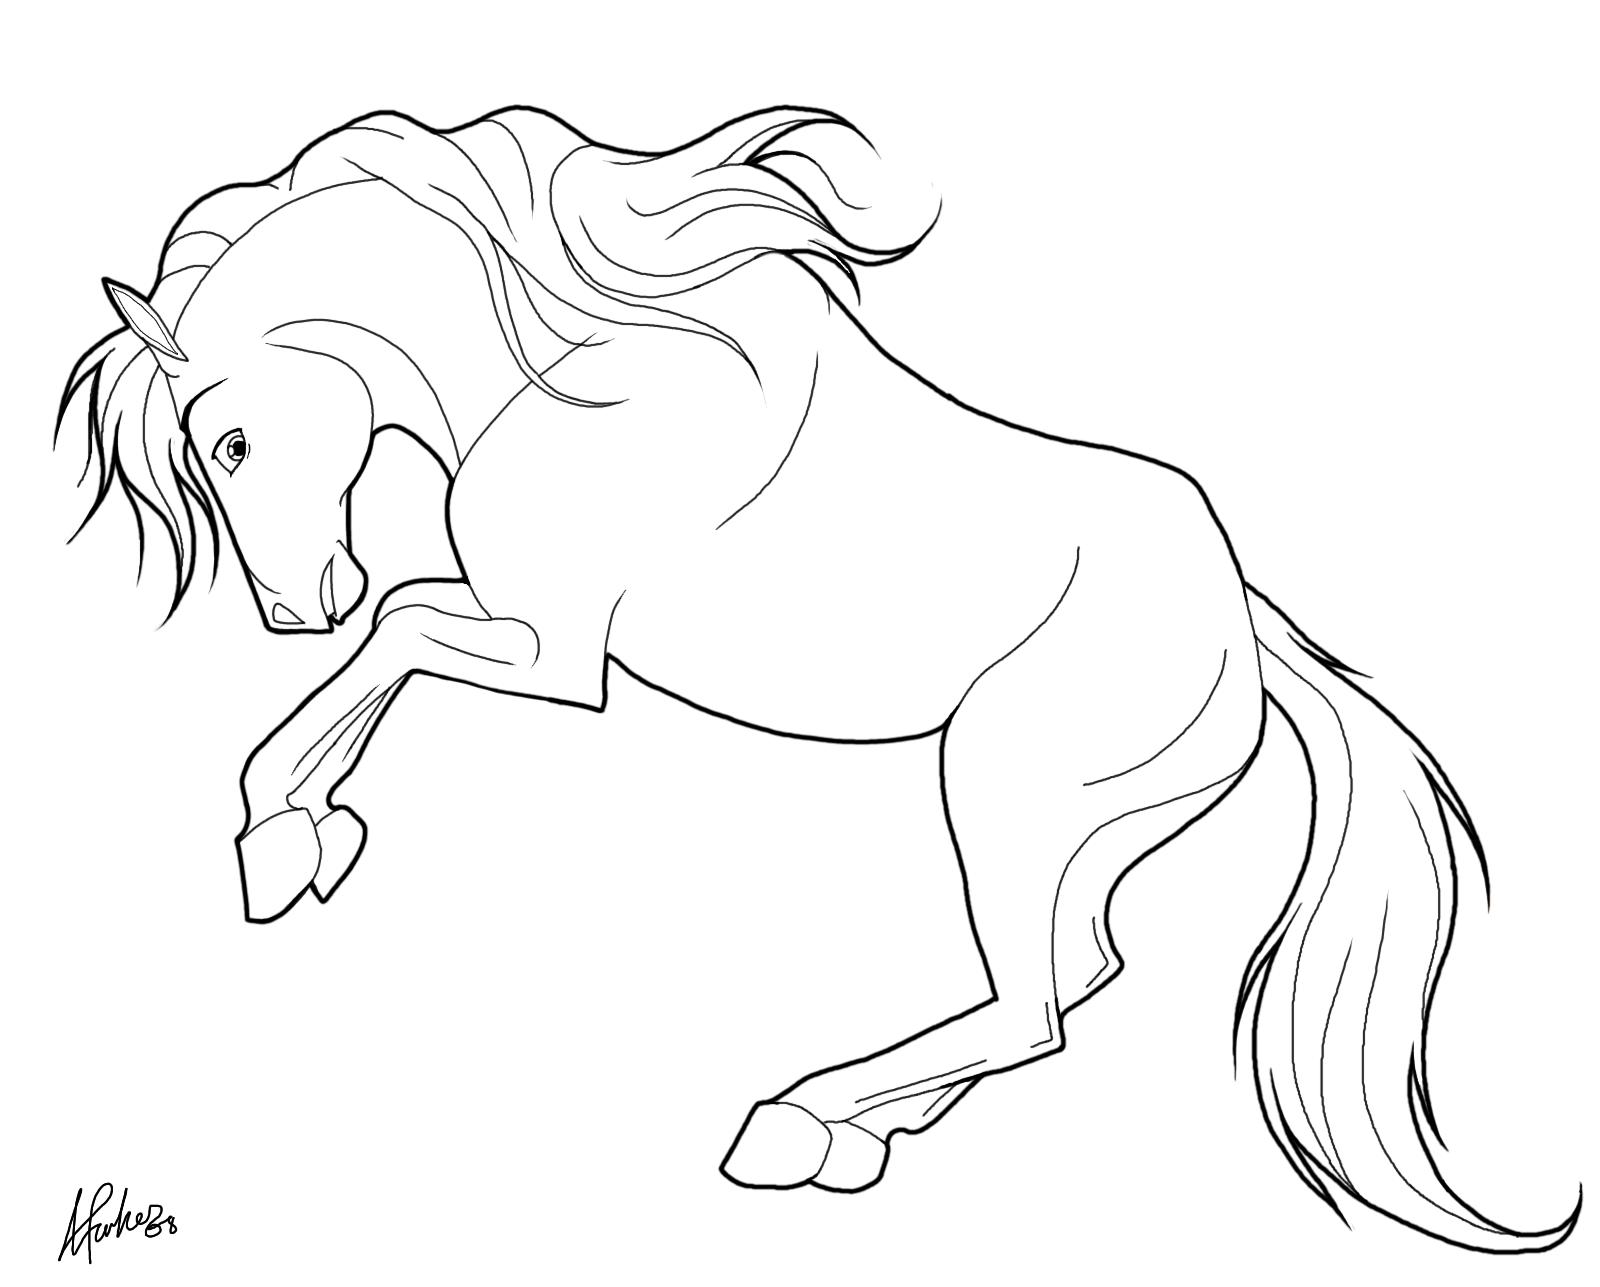 Cheval qui se cabre coloriages de chevaux et poneys coloriages pour enfants - Coloriage chevaux ...